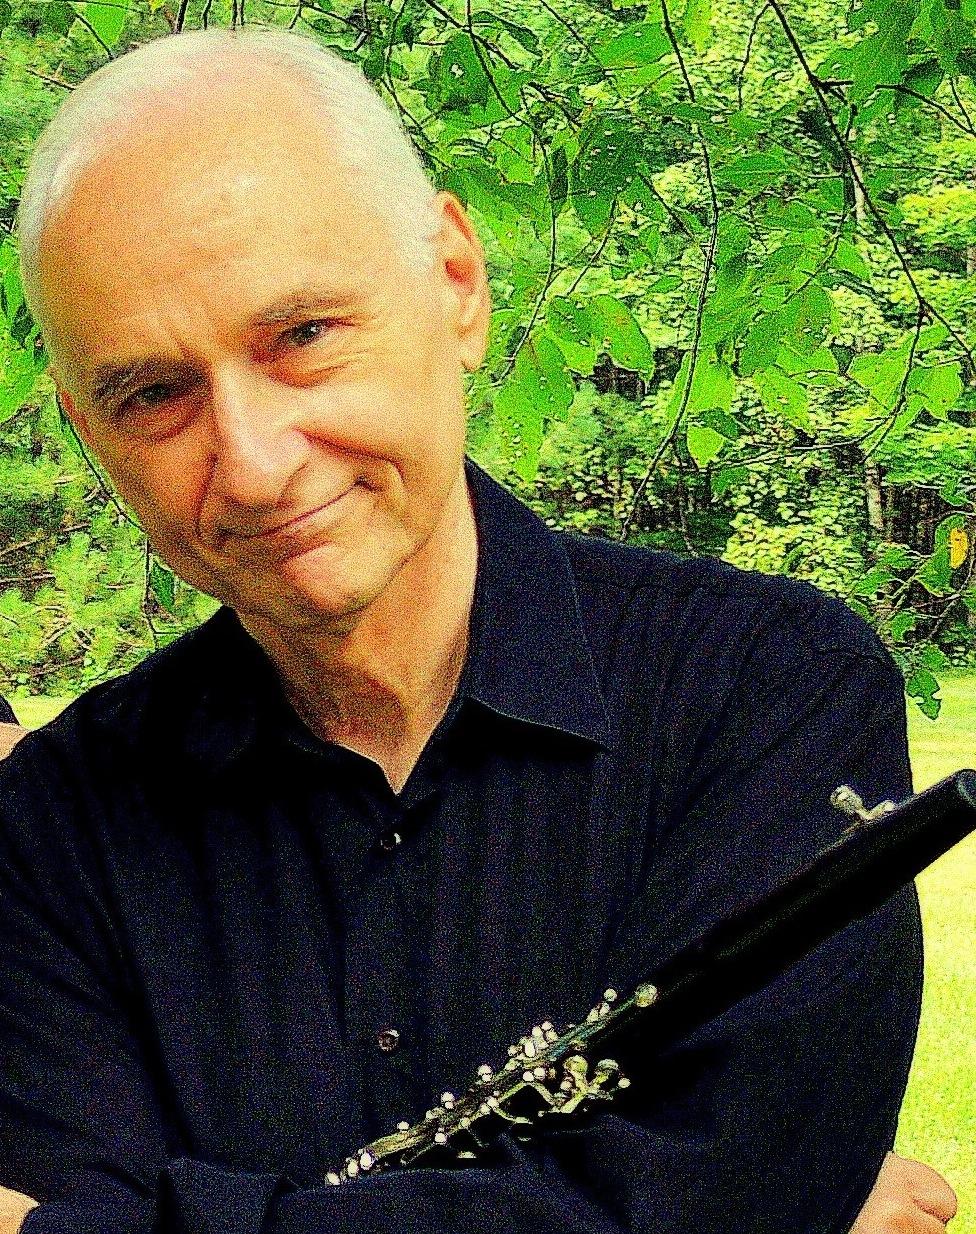 ALLEN BLUSTEIN, clarinet